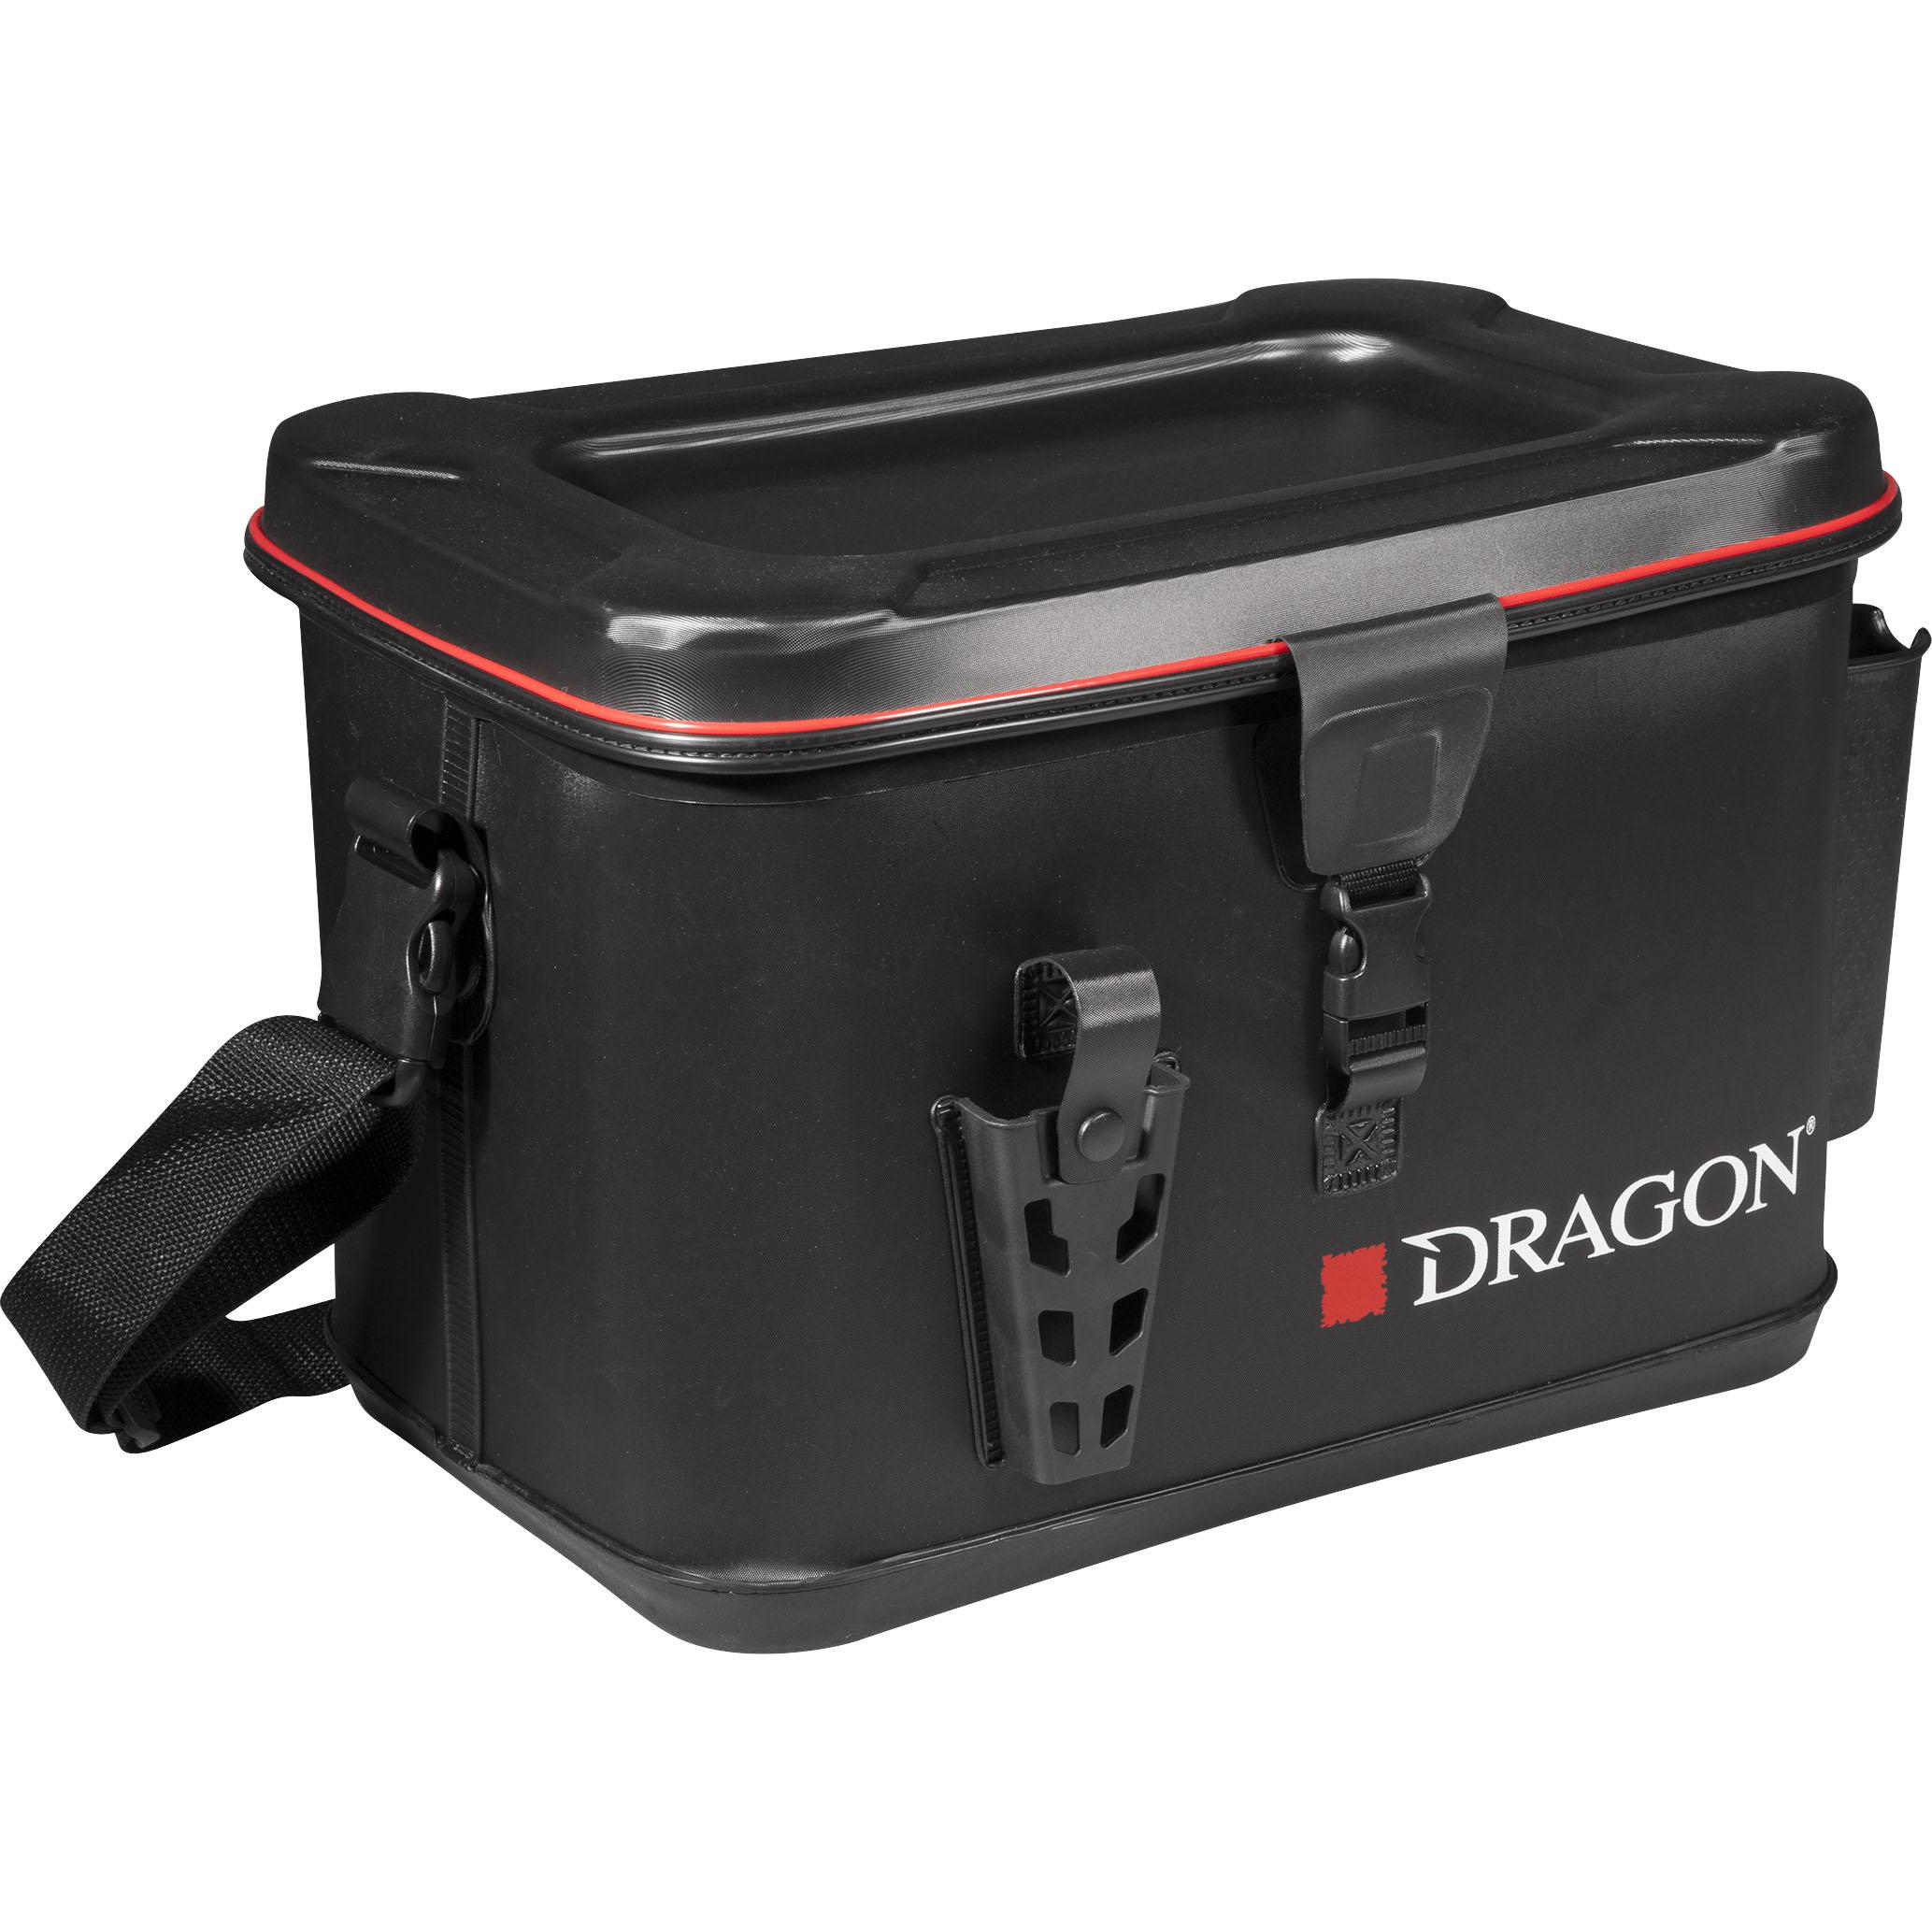 Водонепроницаемая сумка Dragon Hells Anglers L